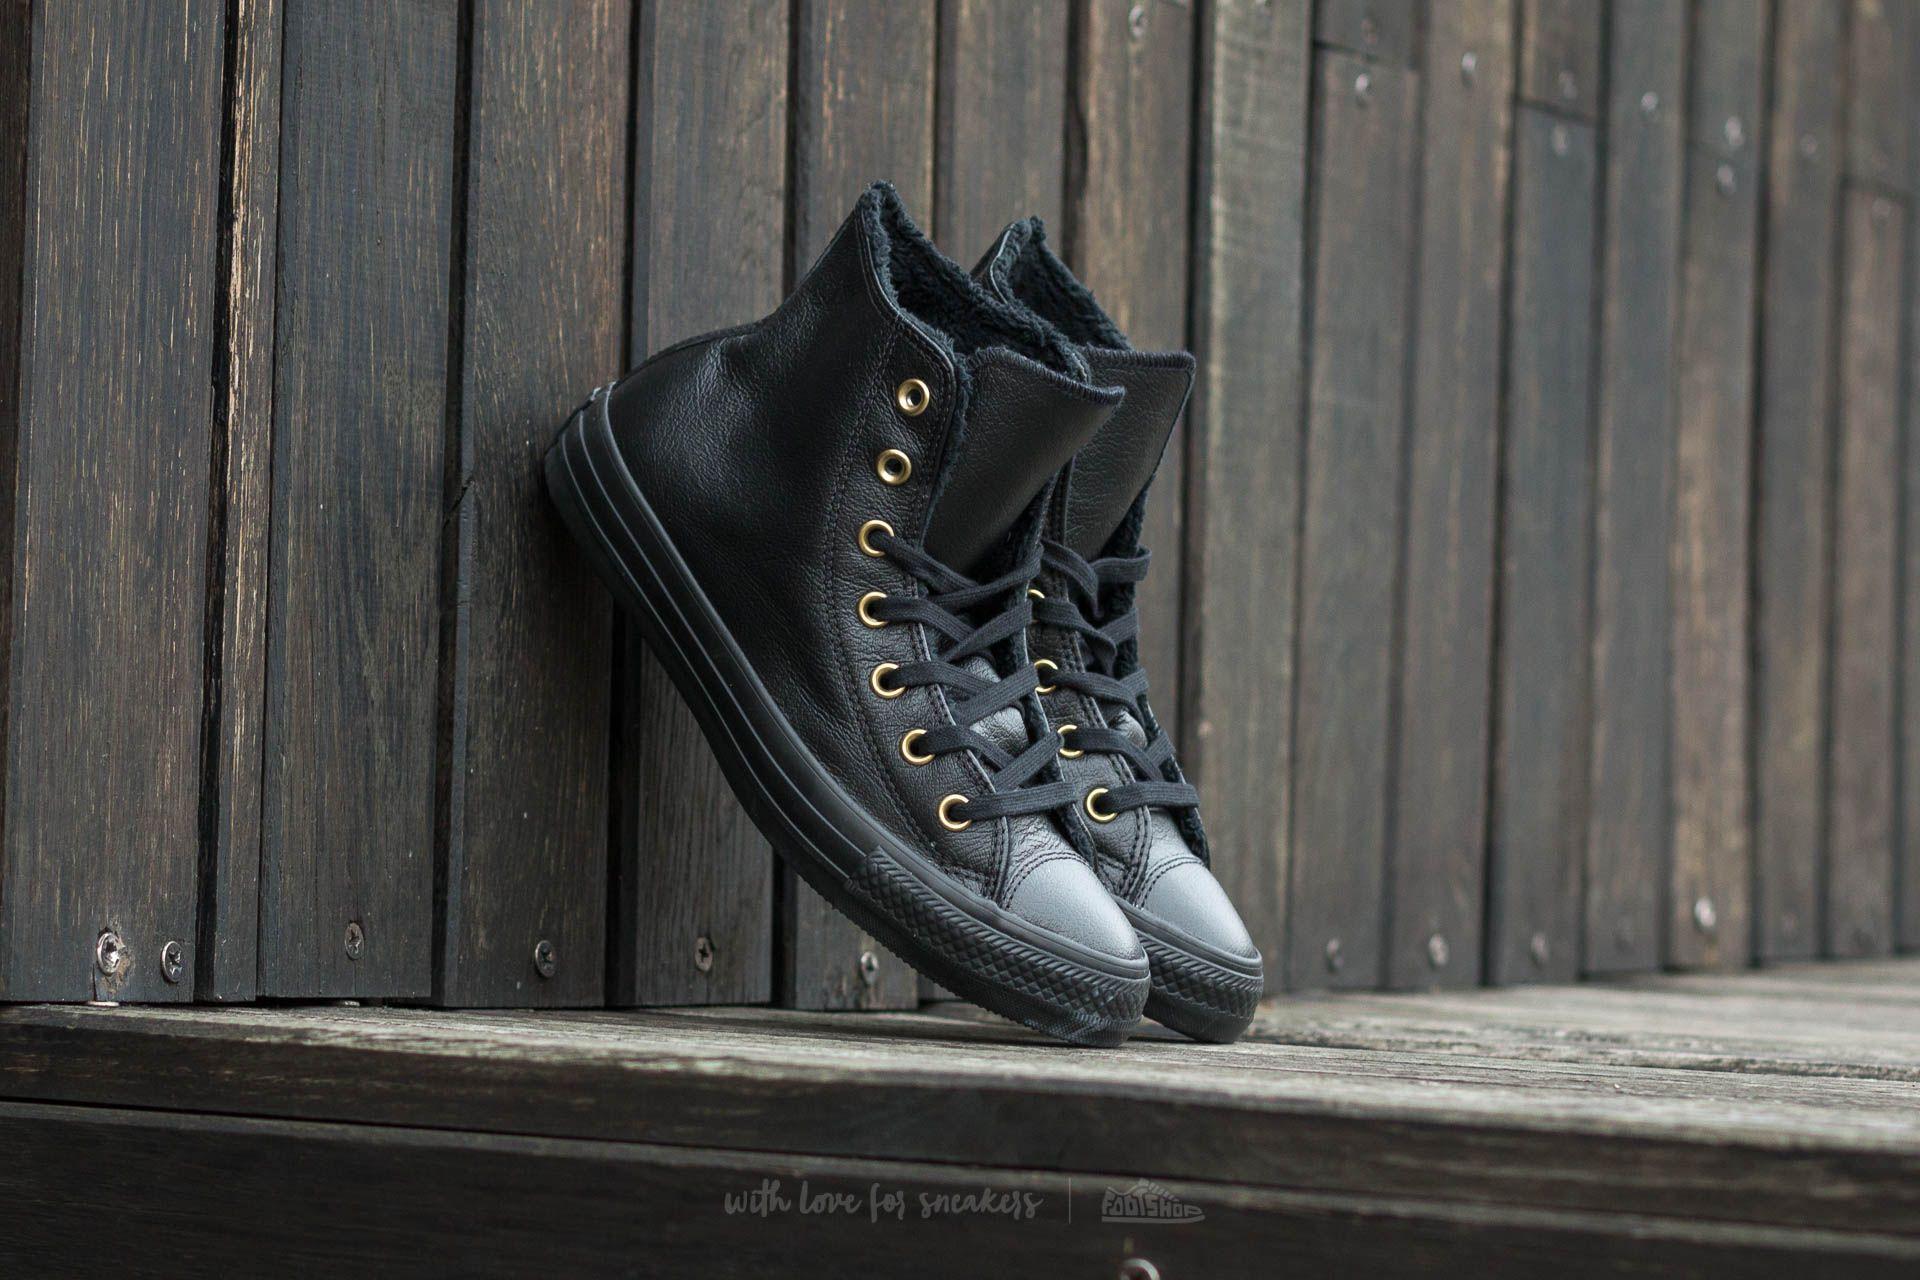 7d9f78abcb8d CONVERSE CHUCK TAYLOR ALL STAR Winter Knit+Fur Hi Black ...